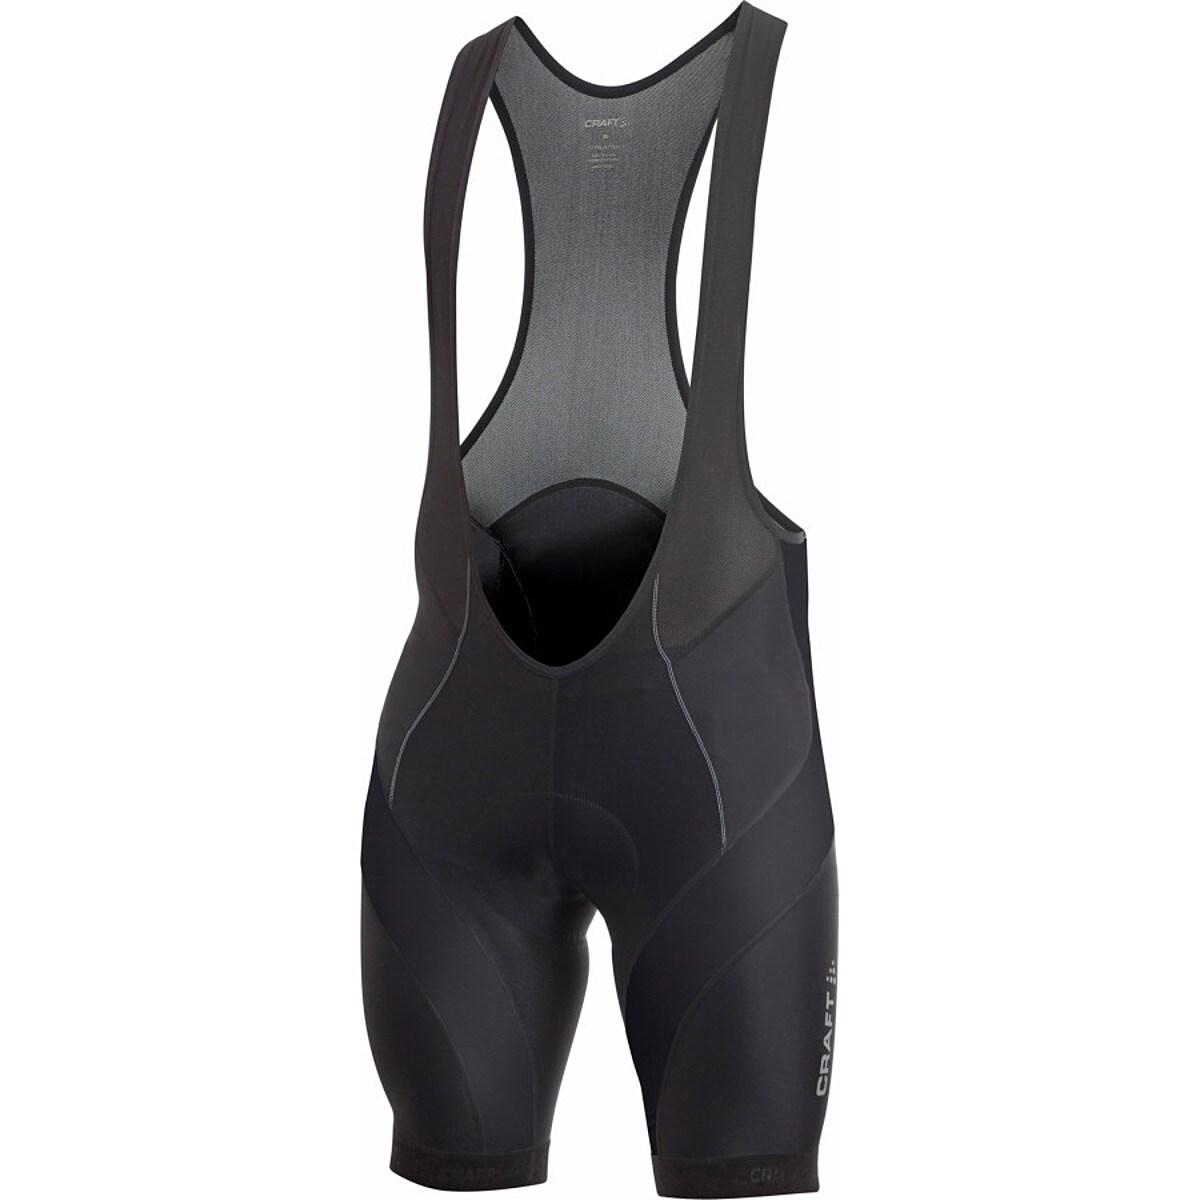 Craft Women S Bib Cycling Shorts